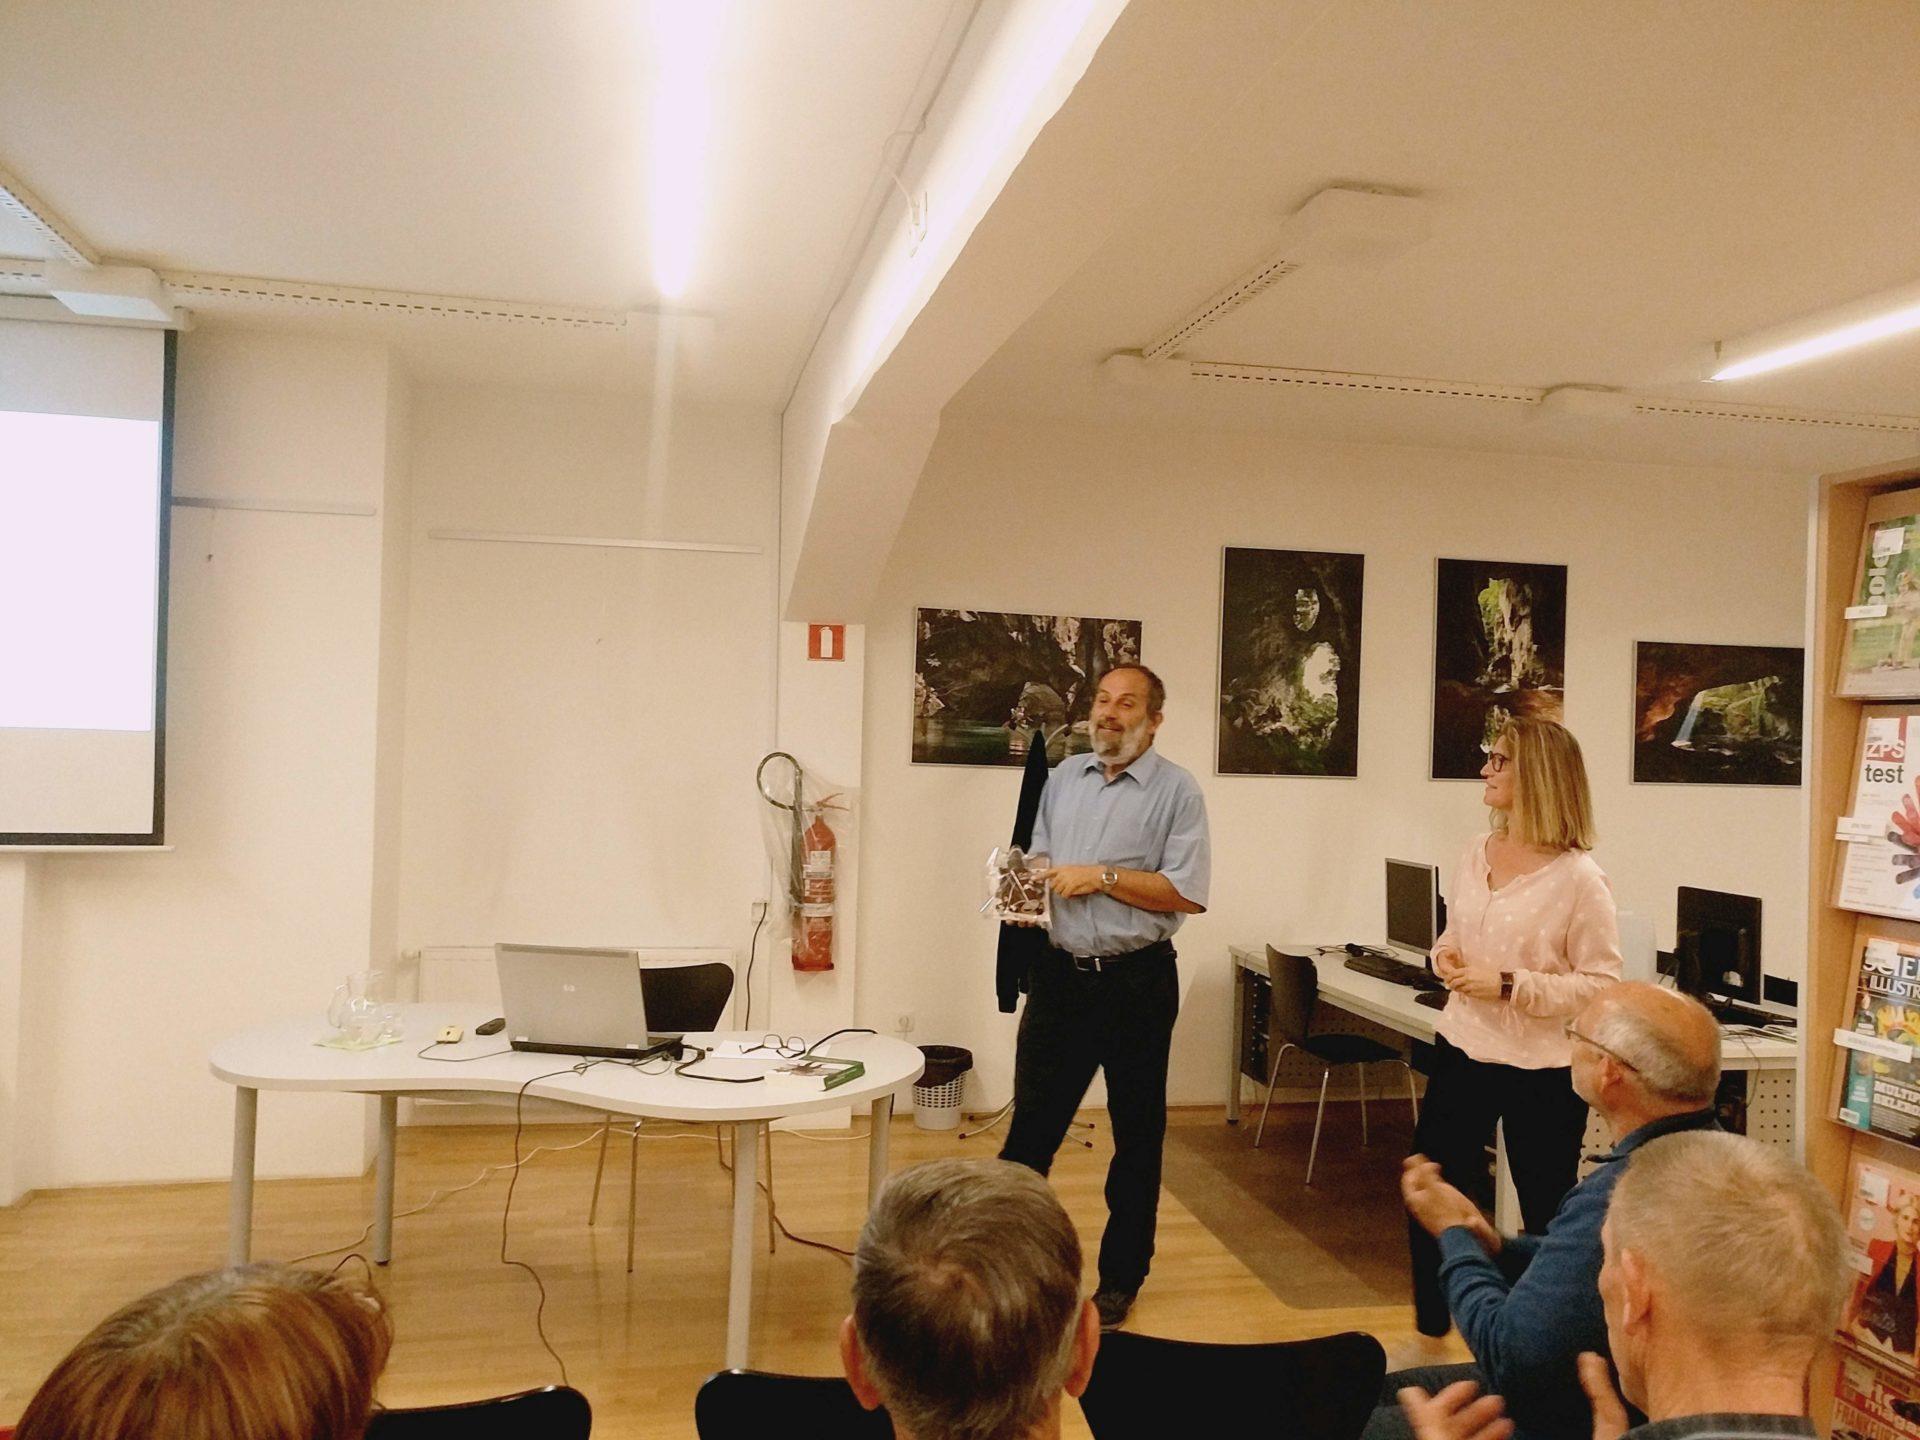 IMG 20190919 201751 - Predstavitev knjige: Tuji prostovoljci v Bosni in Hercegovini ter pojav bošnjaškega islamizma